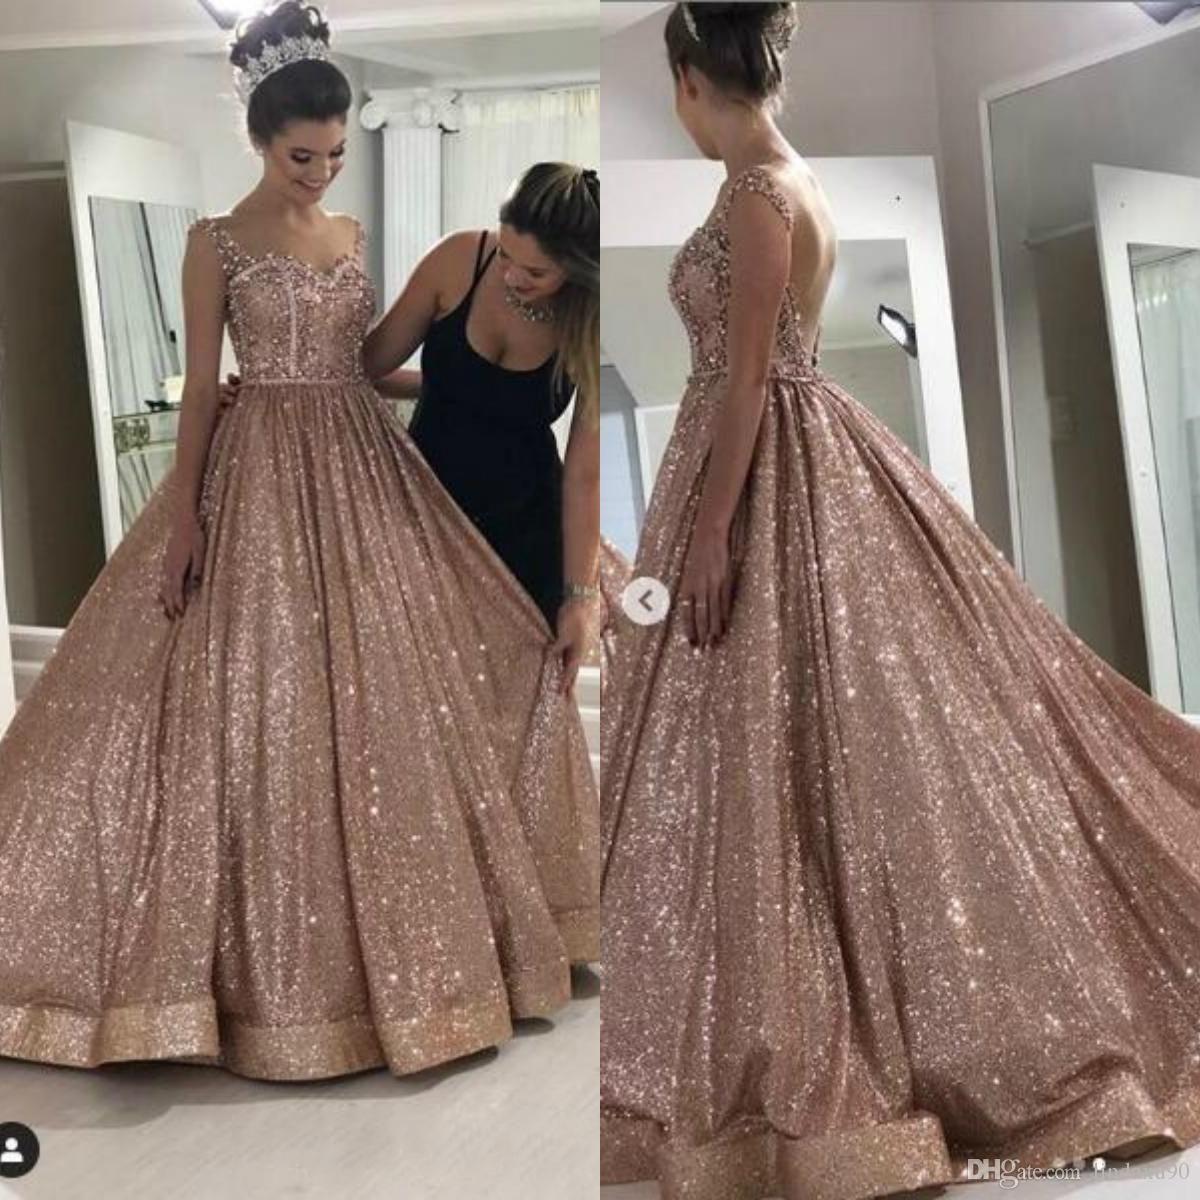 새로운 디자이너 로즈 골드 반짝 섹시한 아프리카 댄스 파티 드레스 파란색 크리스탈 등이없는 스팽글 바닥 길이 드레스 저녁 정식 드레스를 착용